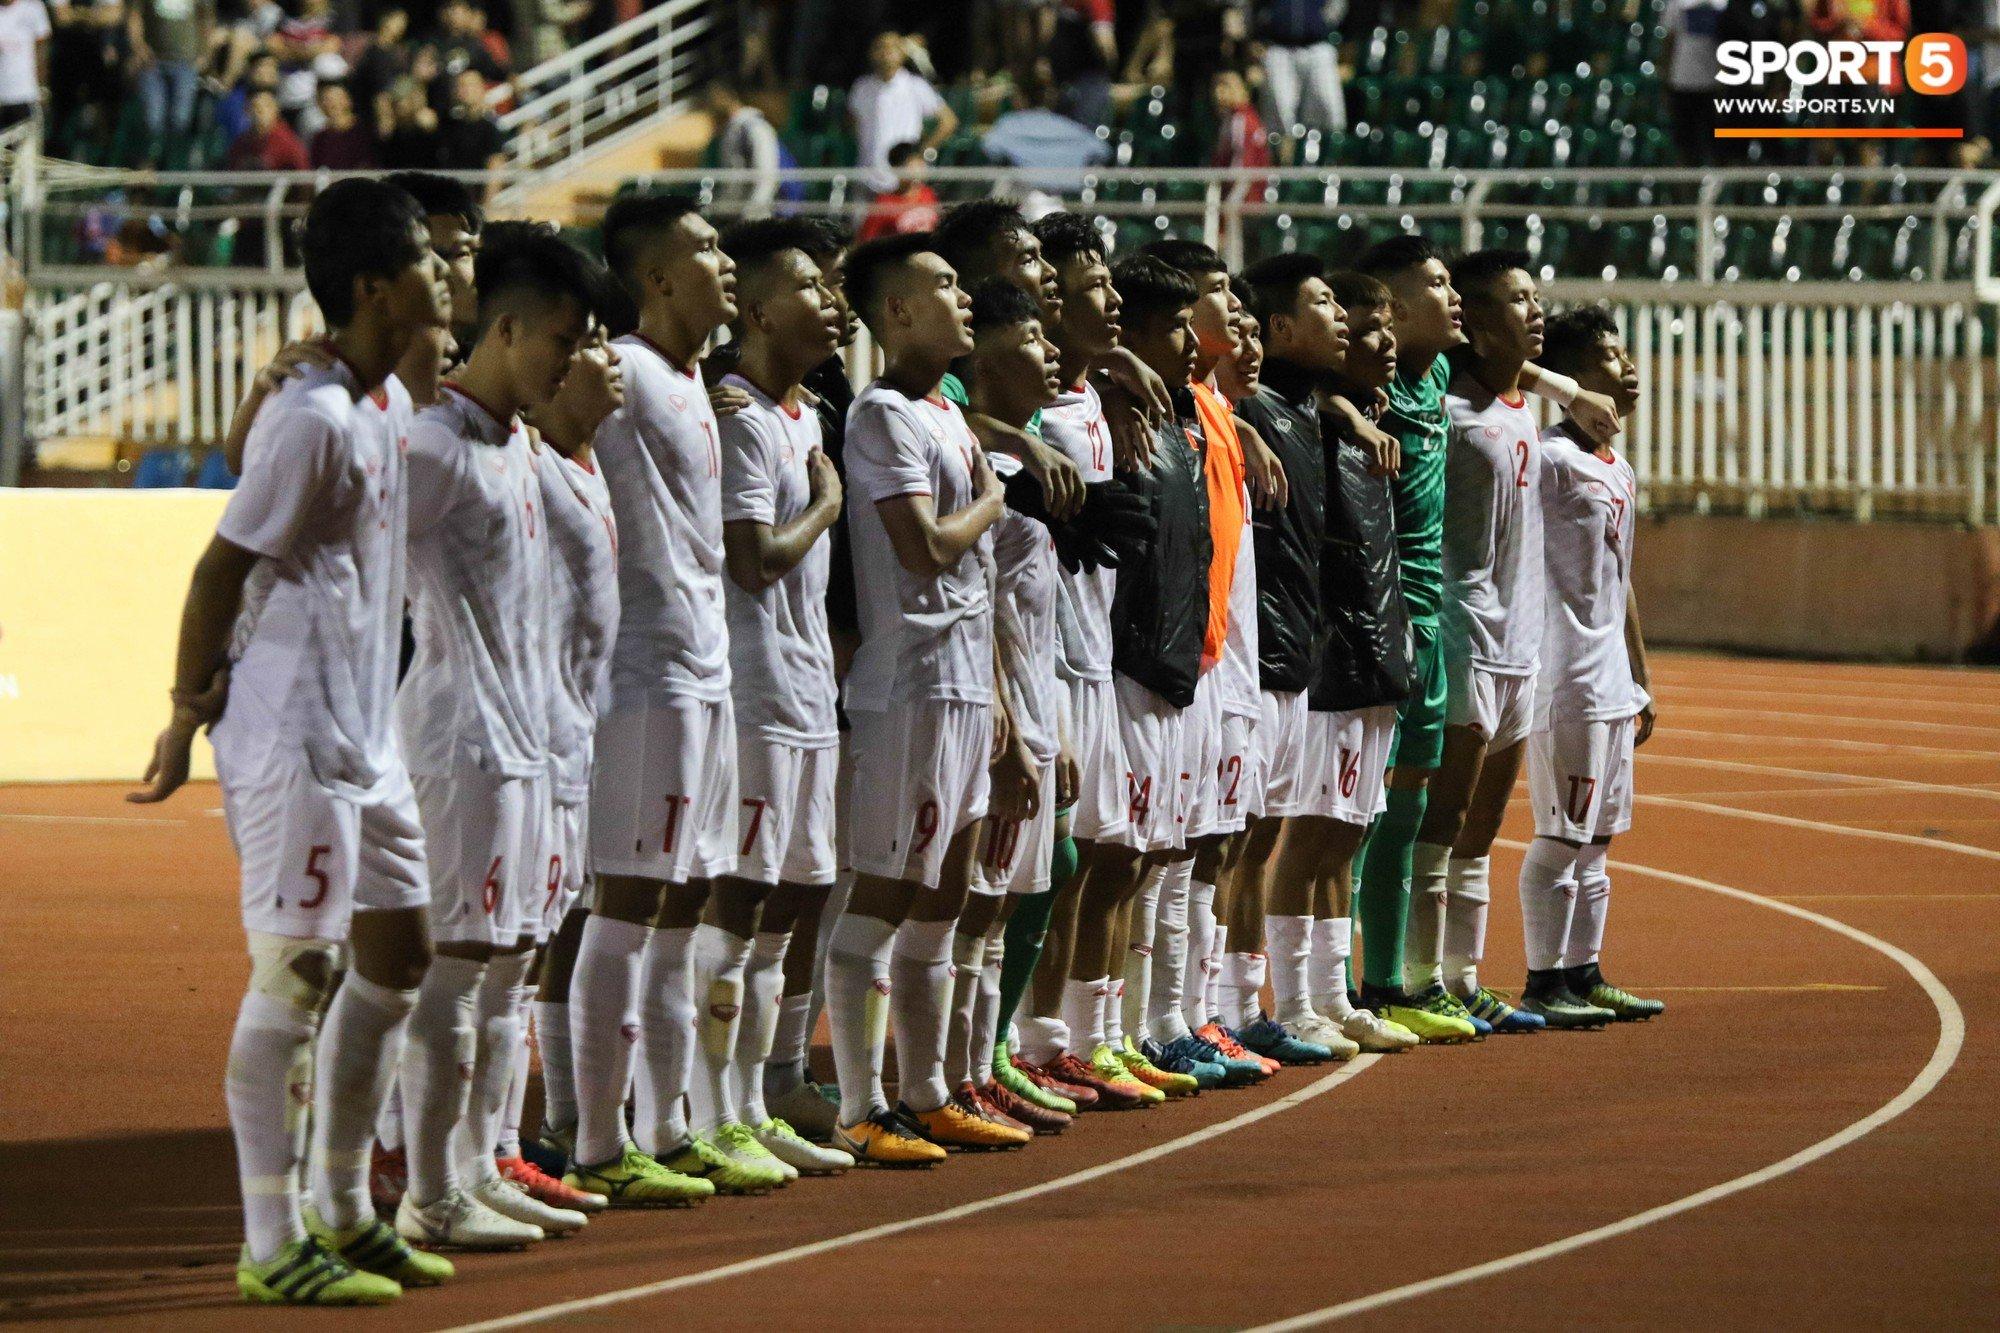 XÚC ĐỘNG: Thua đậm trước Australia, U18 Việt Nam vừa hát Quốc ca vừa khóc để cảm ơn NHM 3